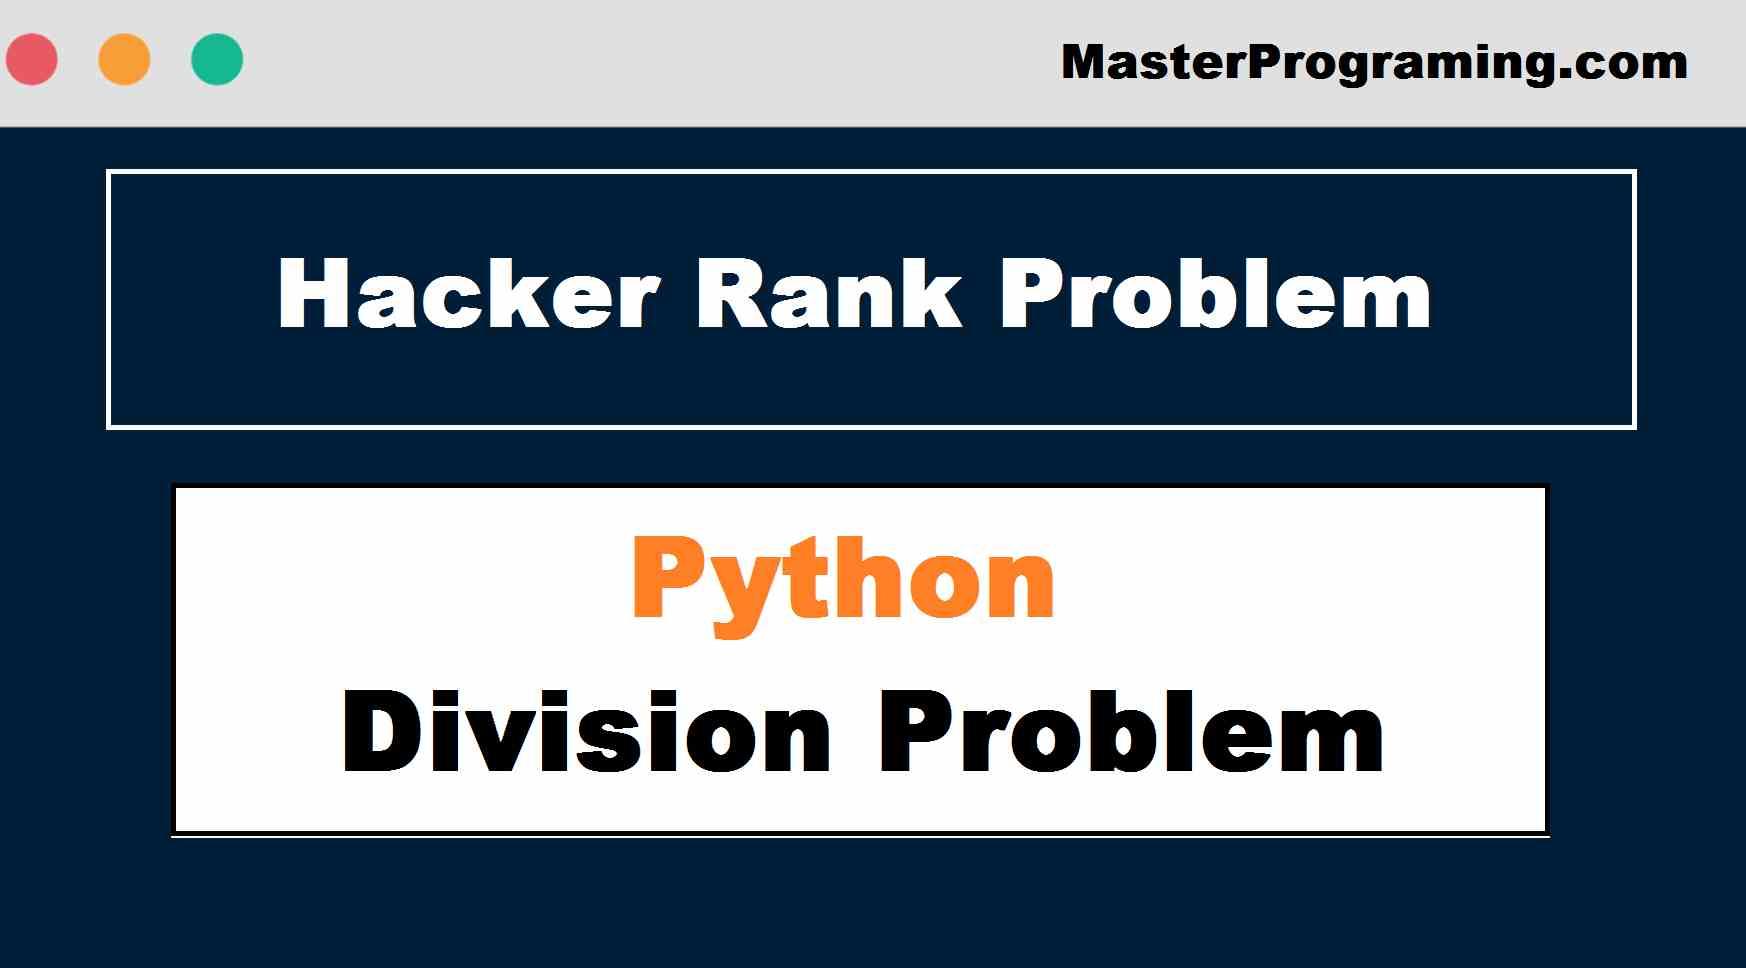 Hacker Rank Problem In Python